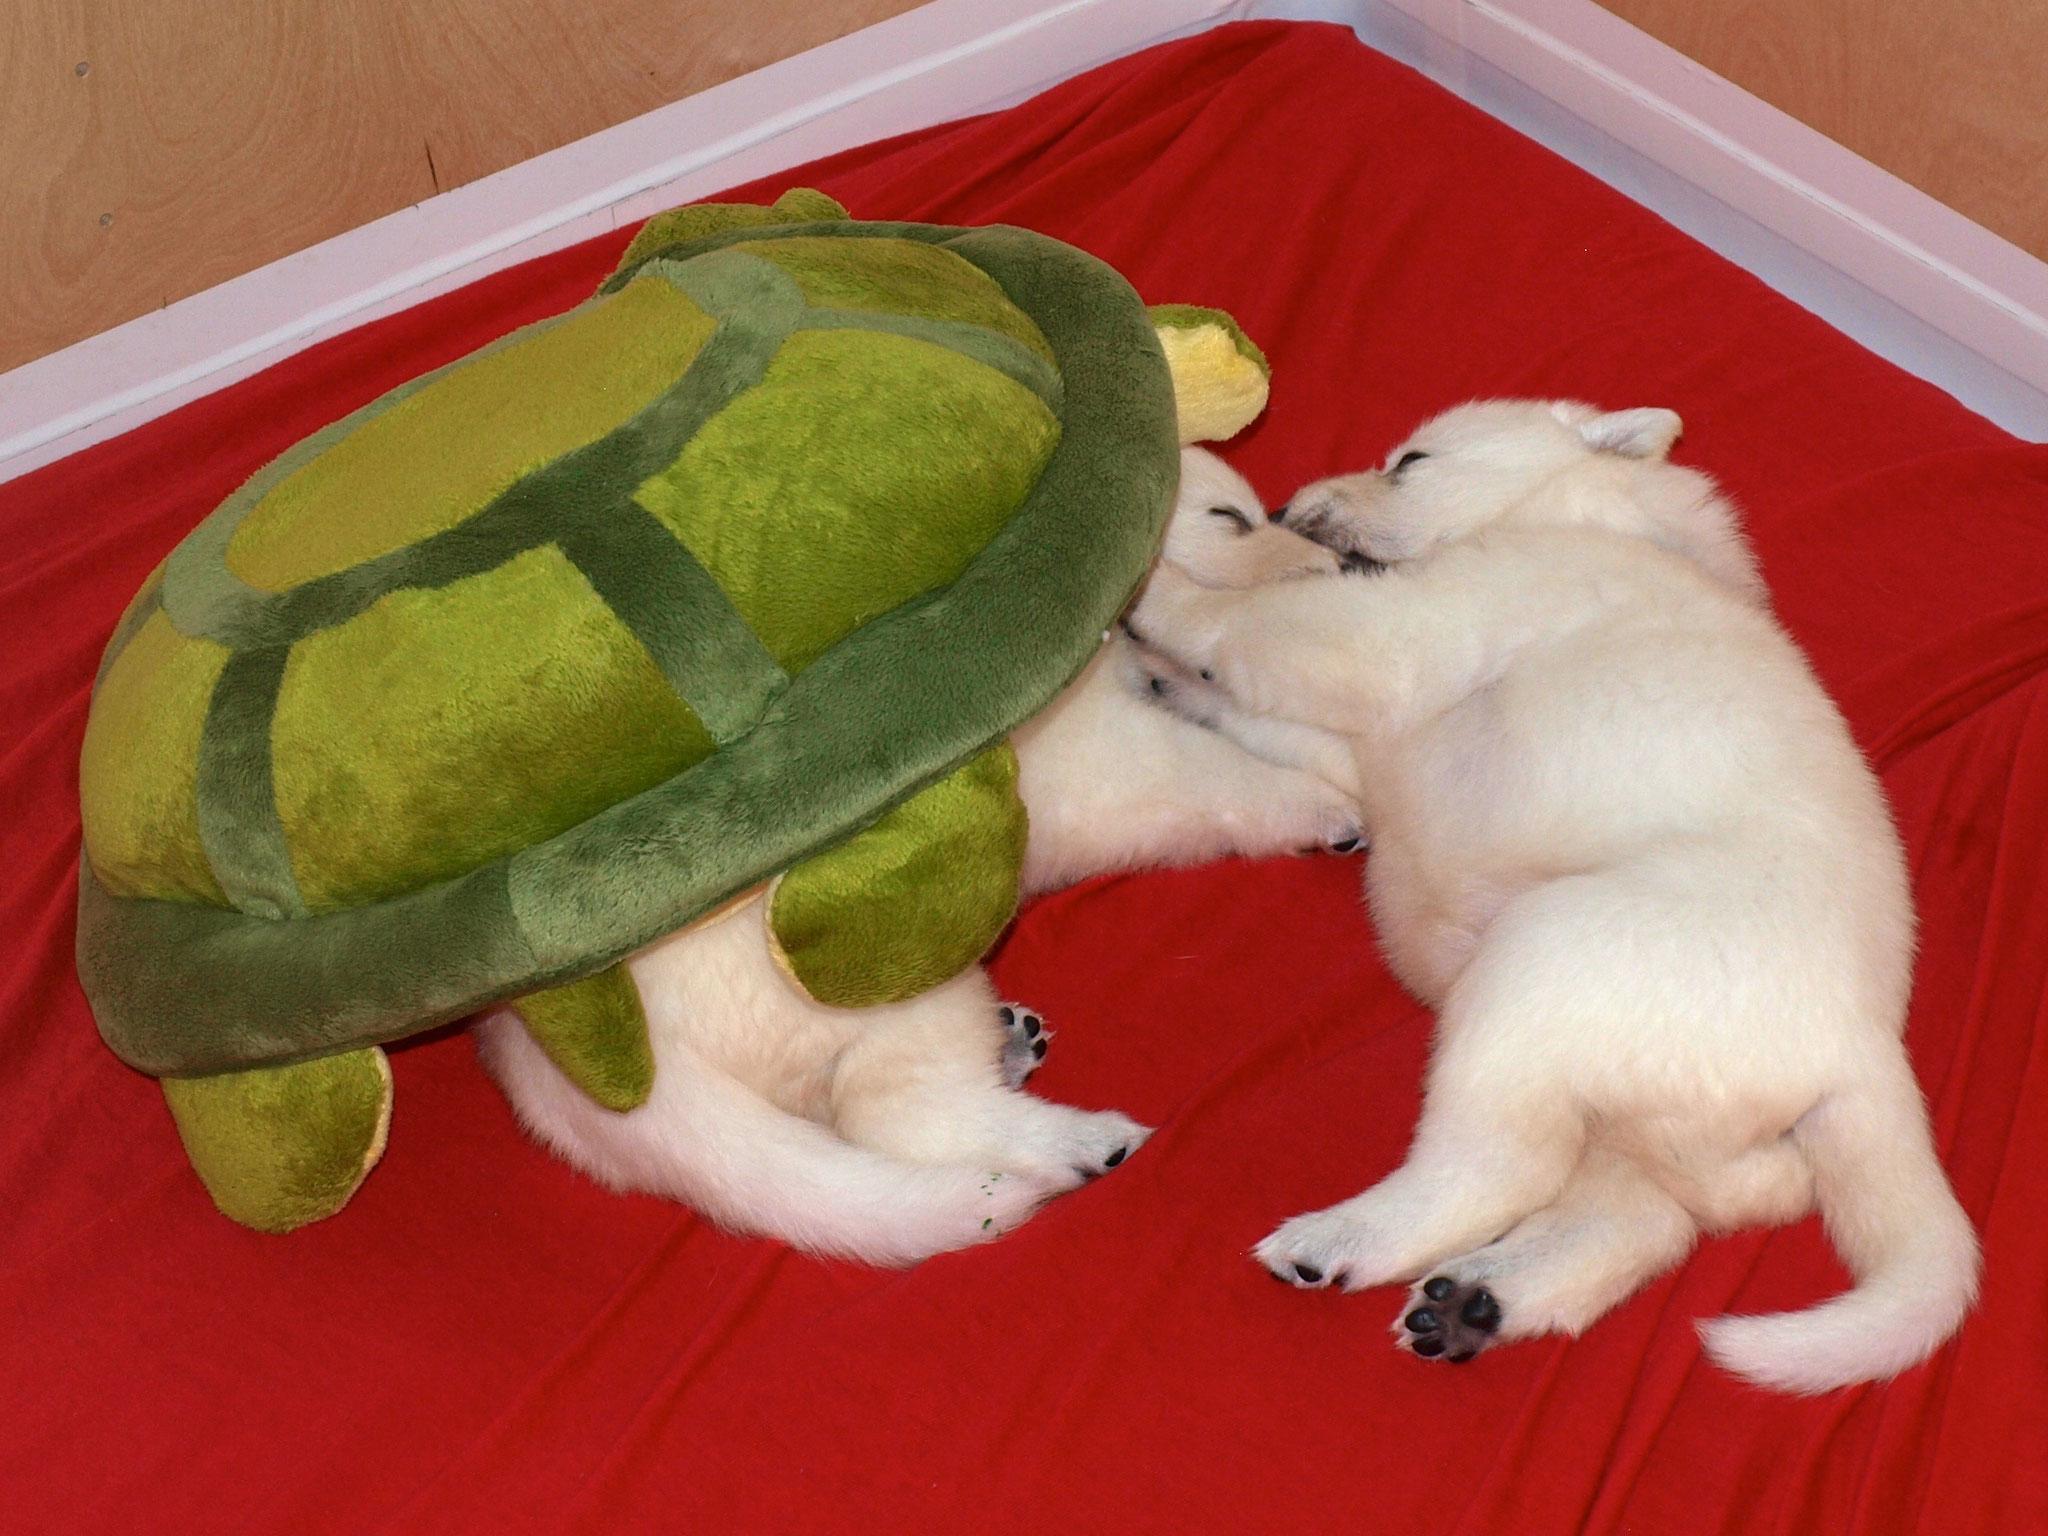 die Schildkröte ist sehr beliebt